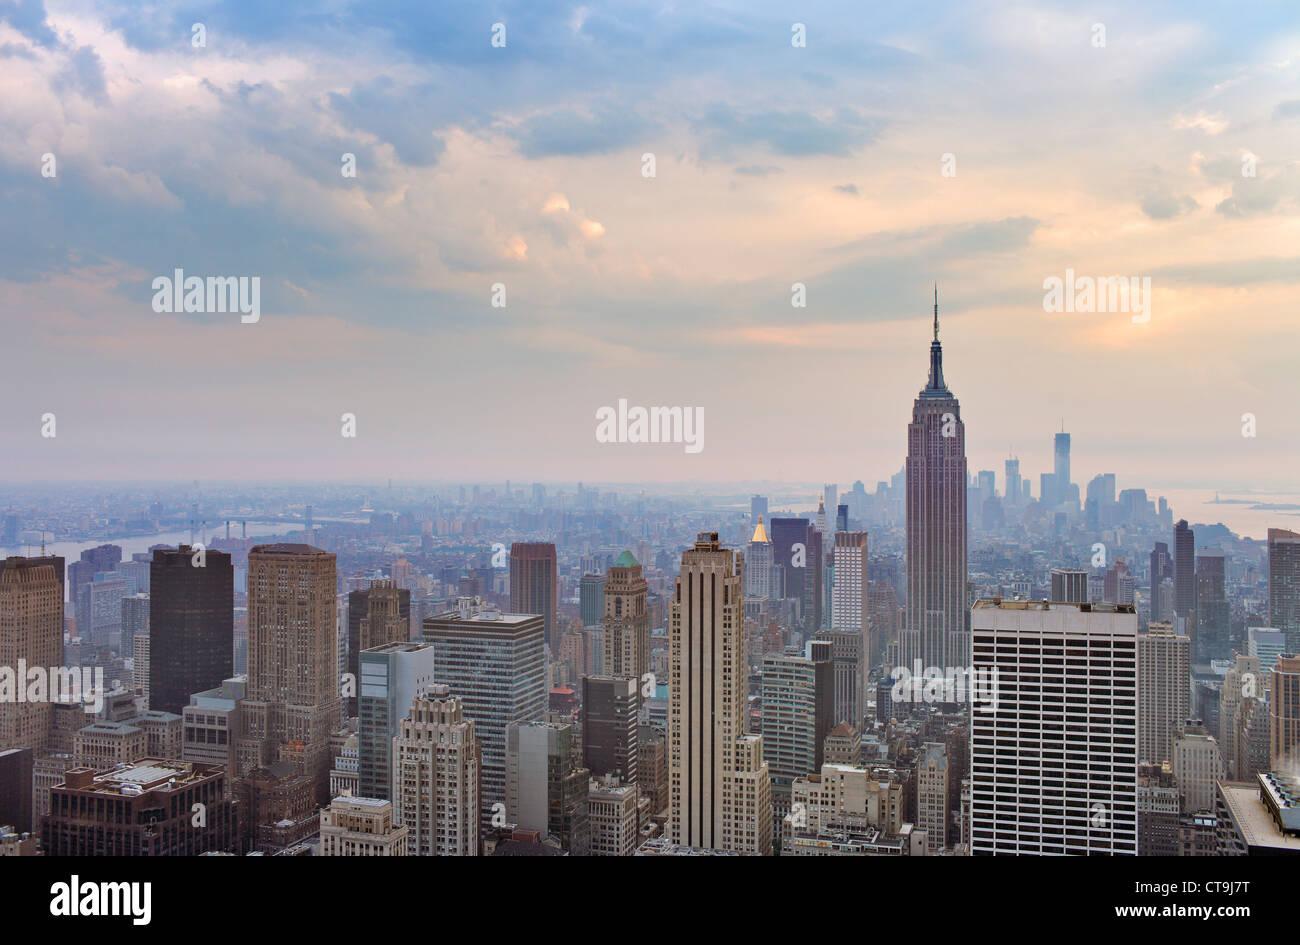 Une vue sur la ville et le centre-ville de Manhattan, New York City, USA. Photo Stock